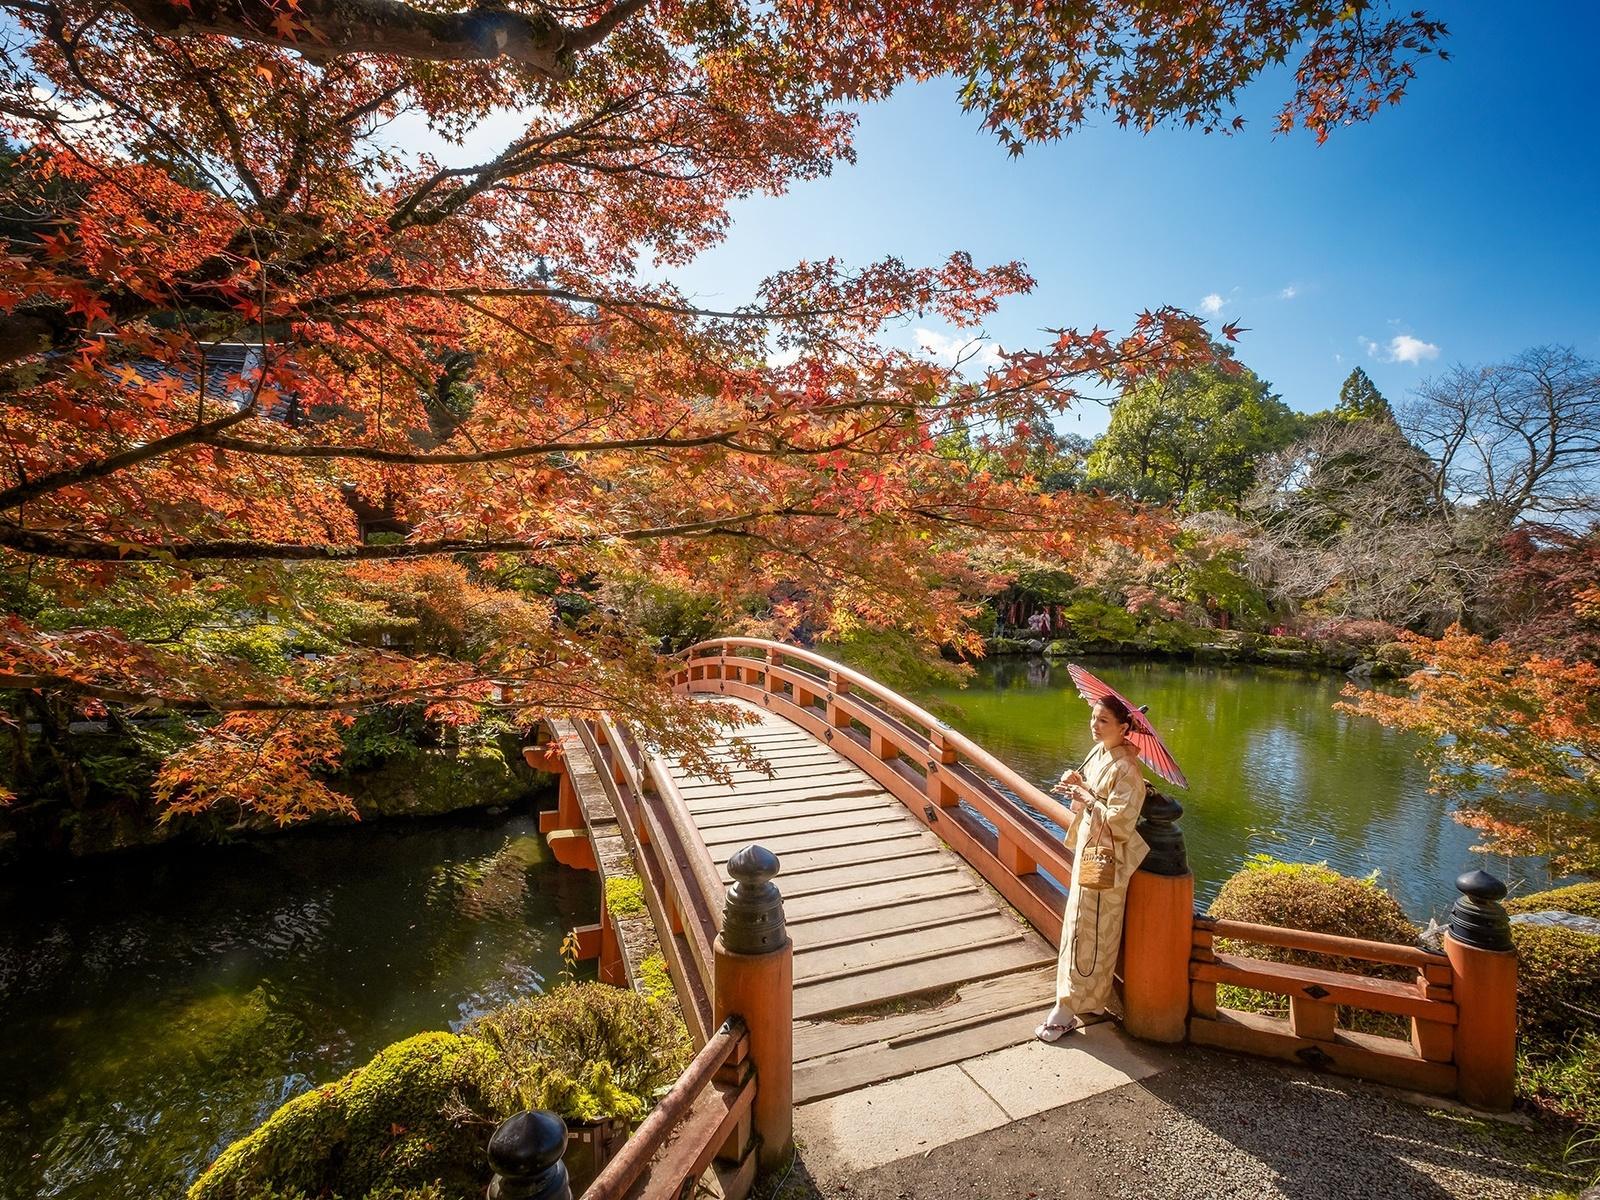 Япония, природа, пейзаж, парк, пруд, мостик, девушка, зонт, японка